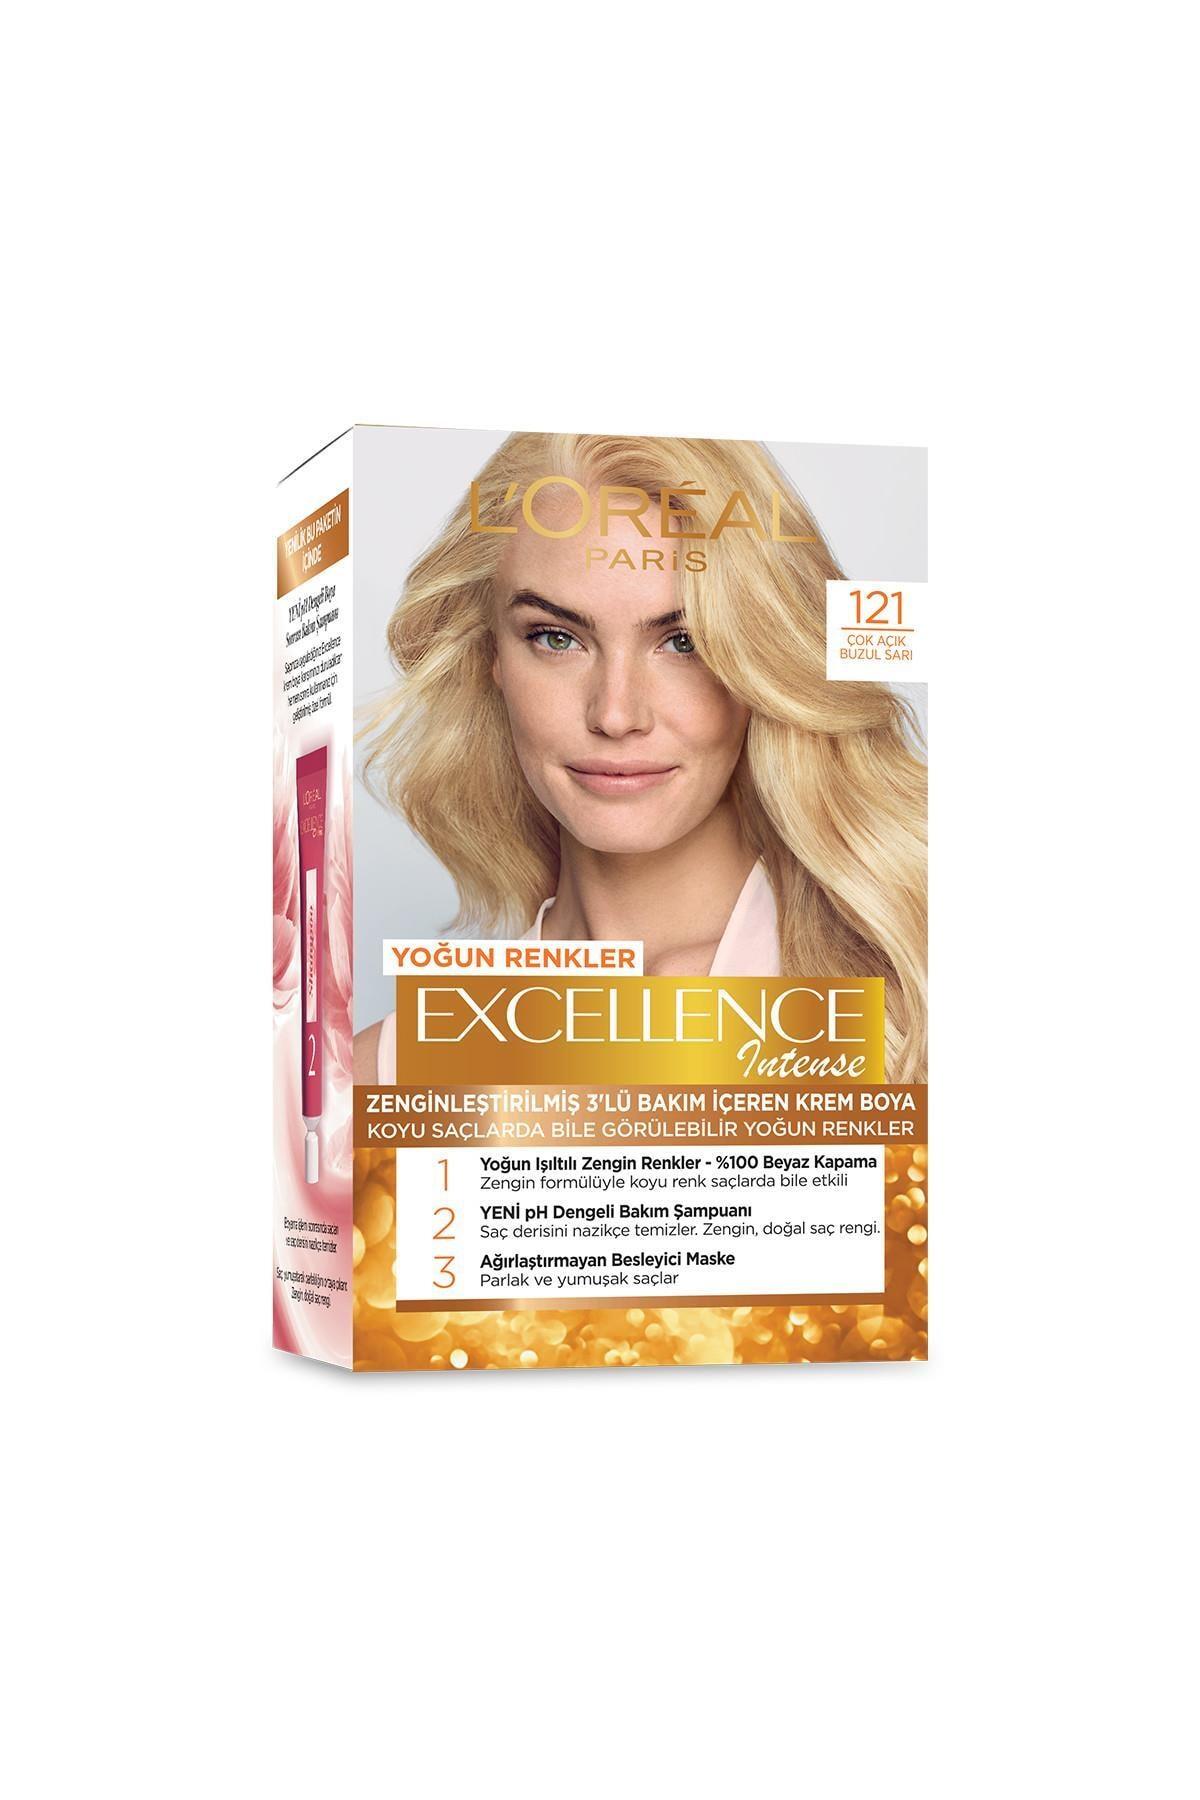 L'Oreal Paris Saç Boyası - Excellence Intense 121 Çok Açık Buzul Sarı 3600523165858 1